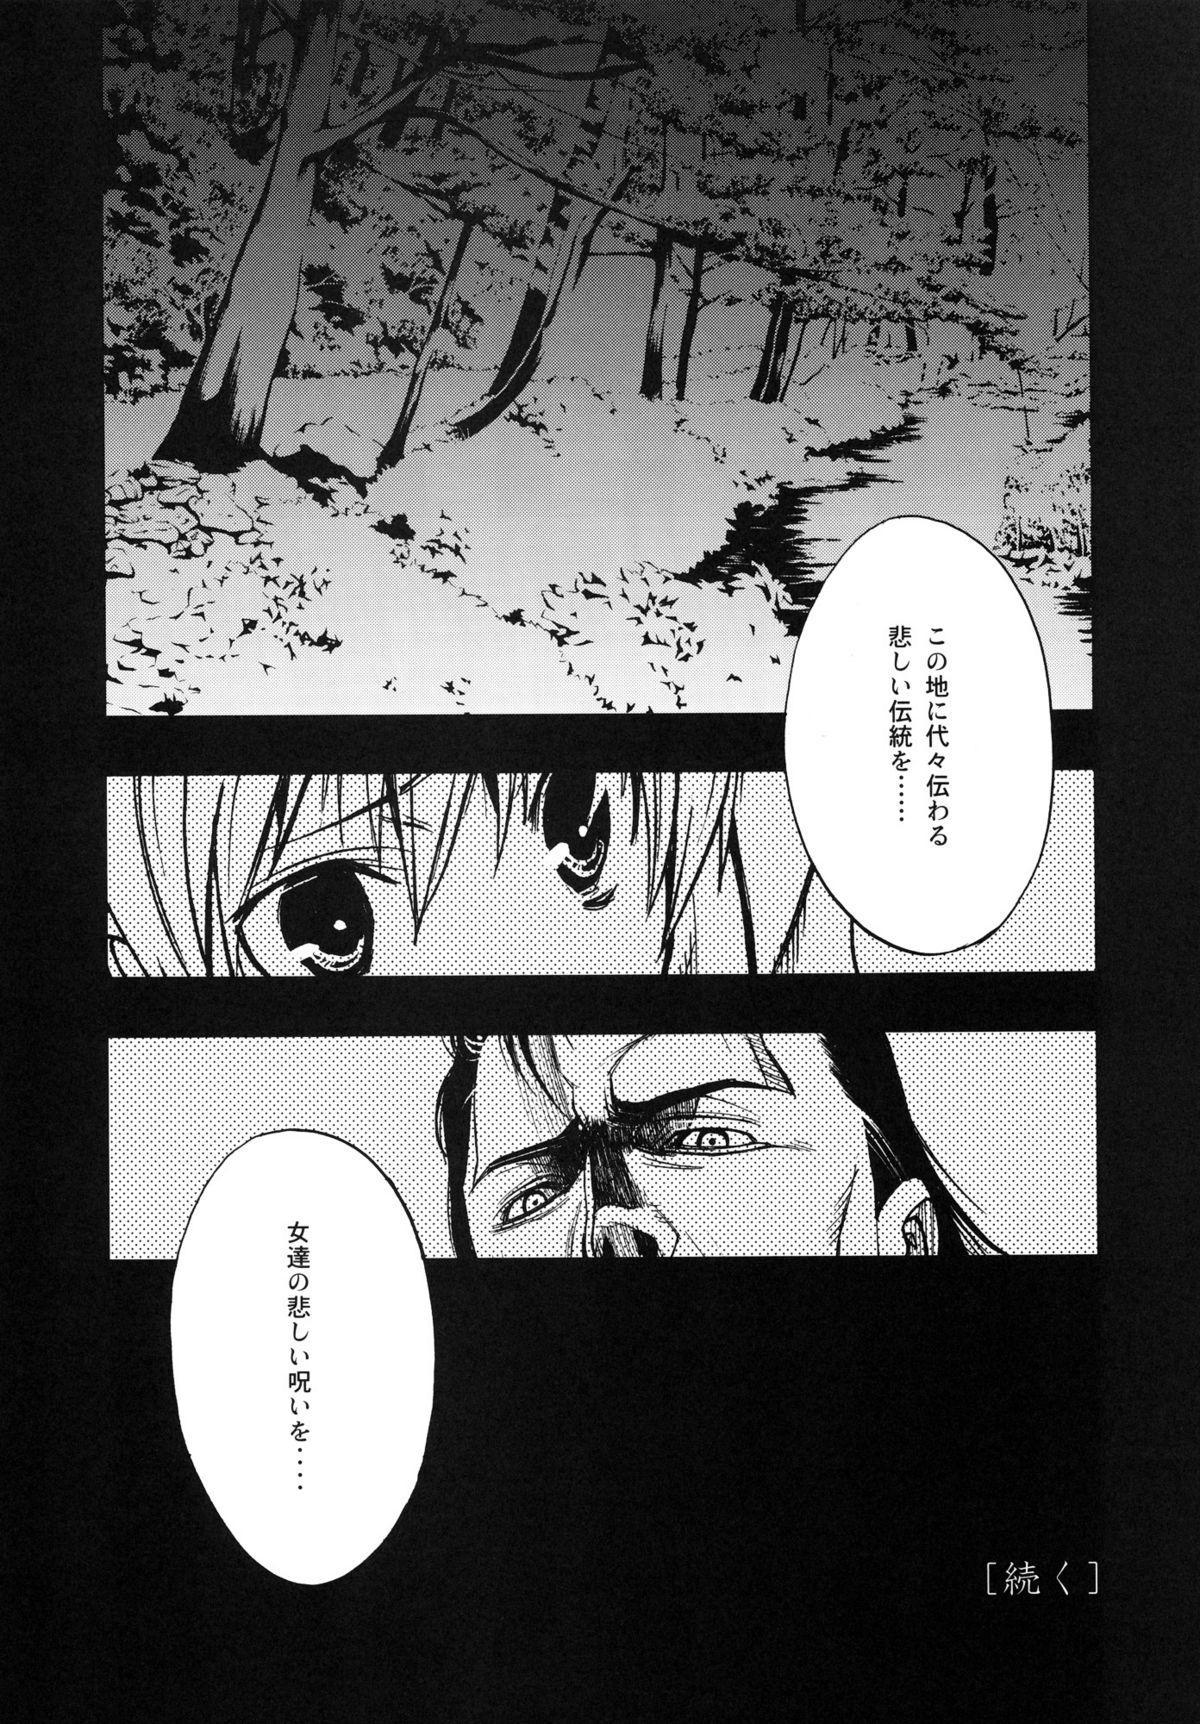 Yosuka no Yoru 15